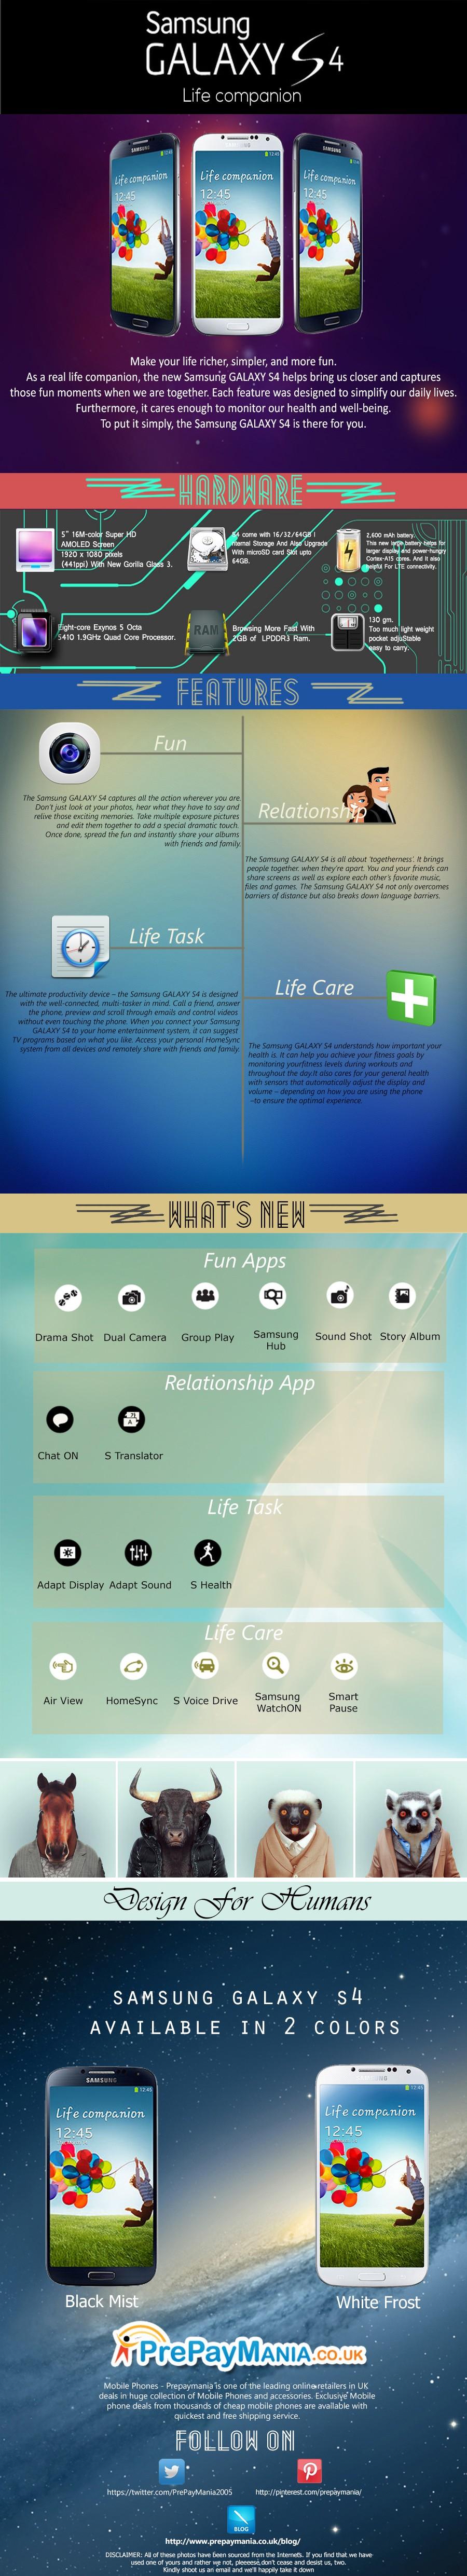 Infografía: Características del Samsung Galaxy S4